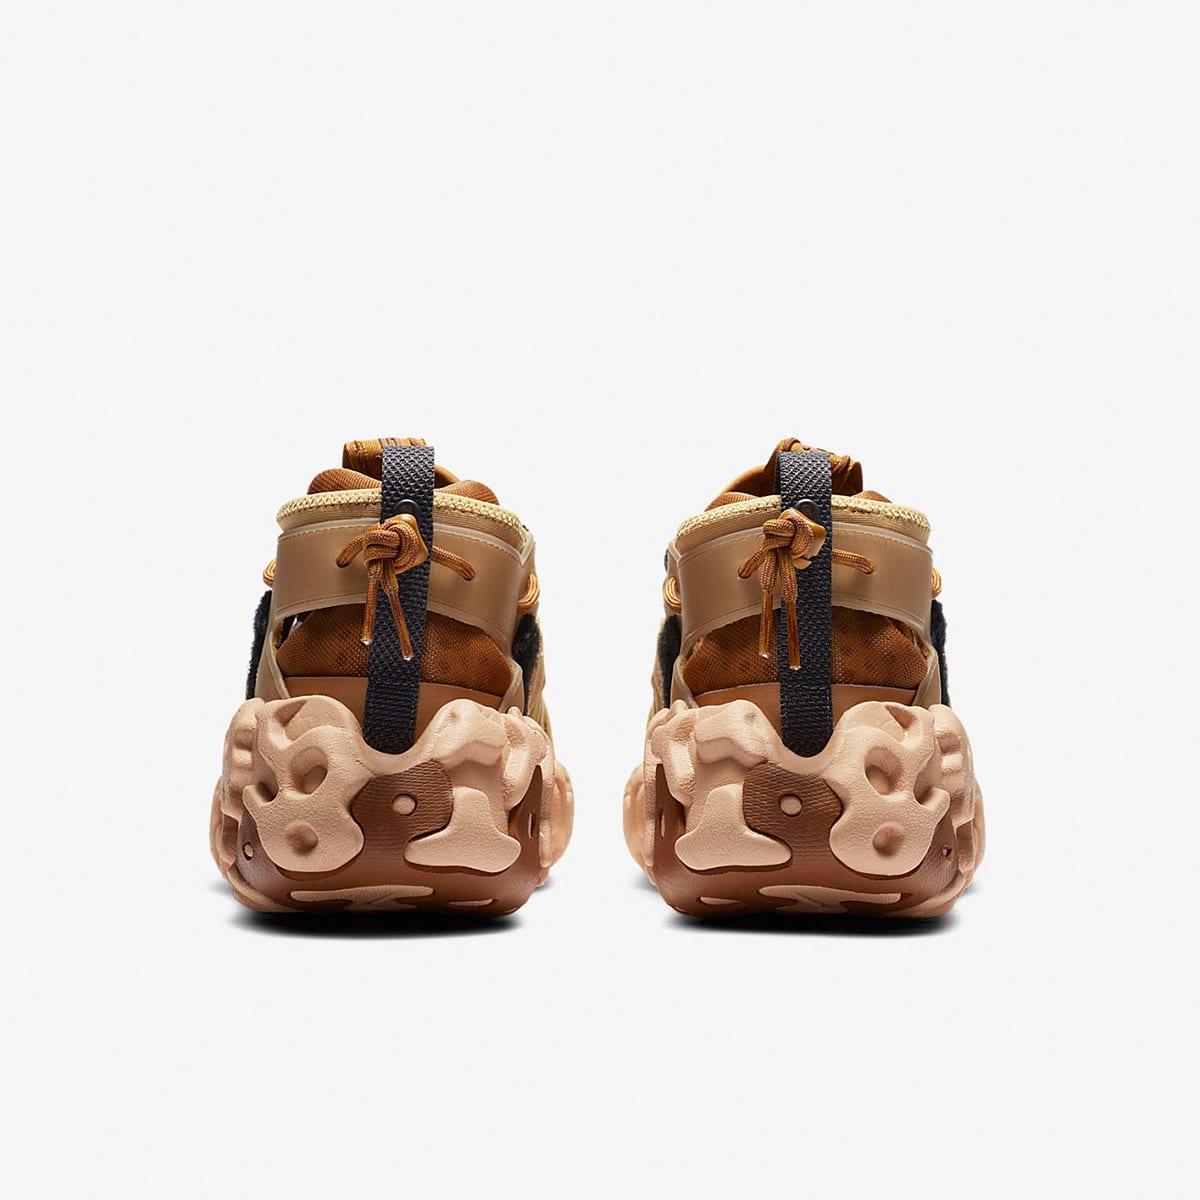 Nike ISPA Overreact Sandal - CQ2230-700